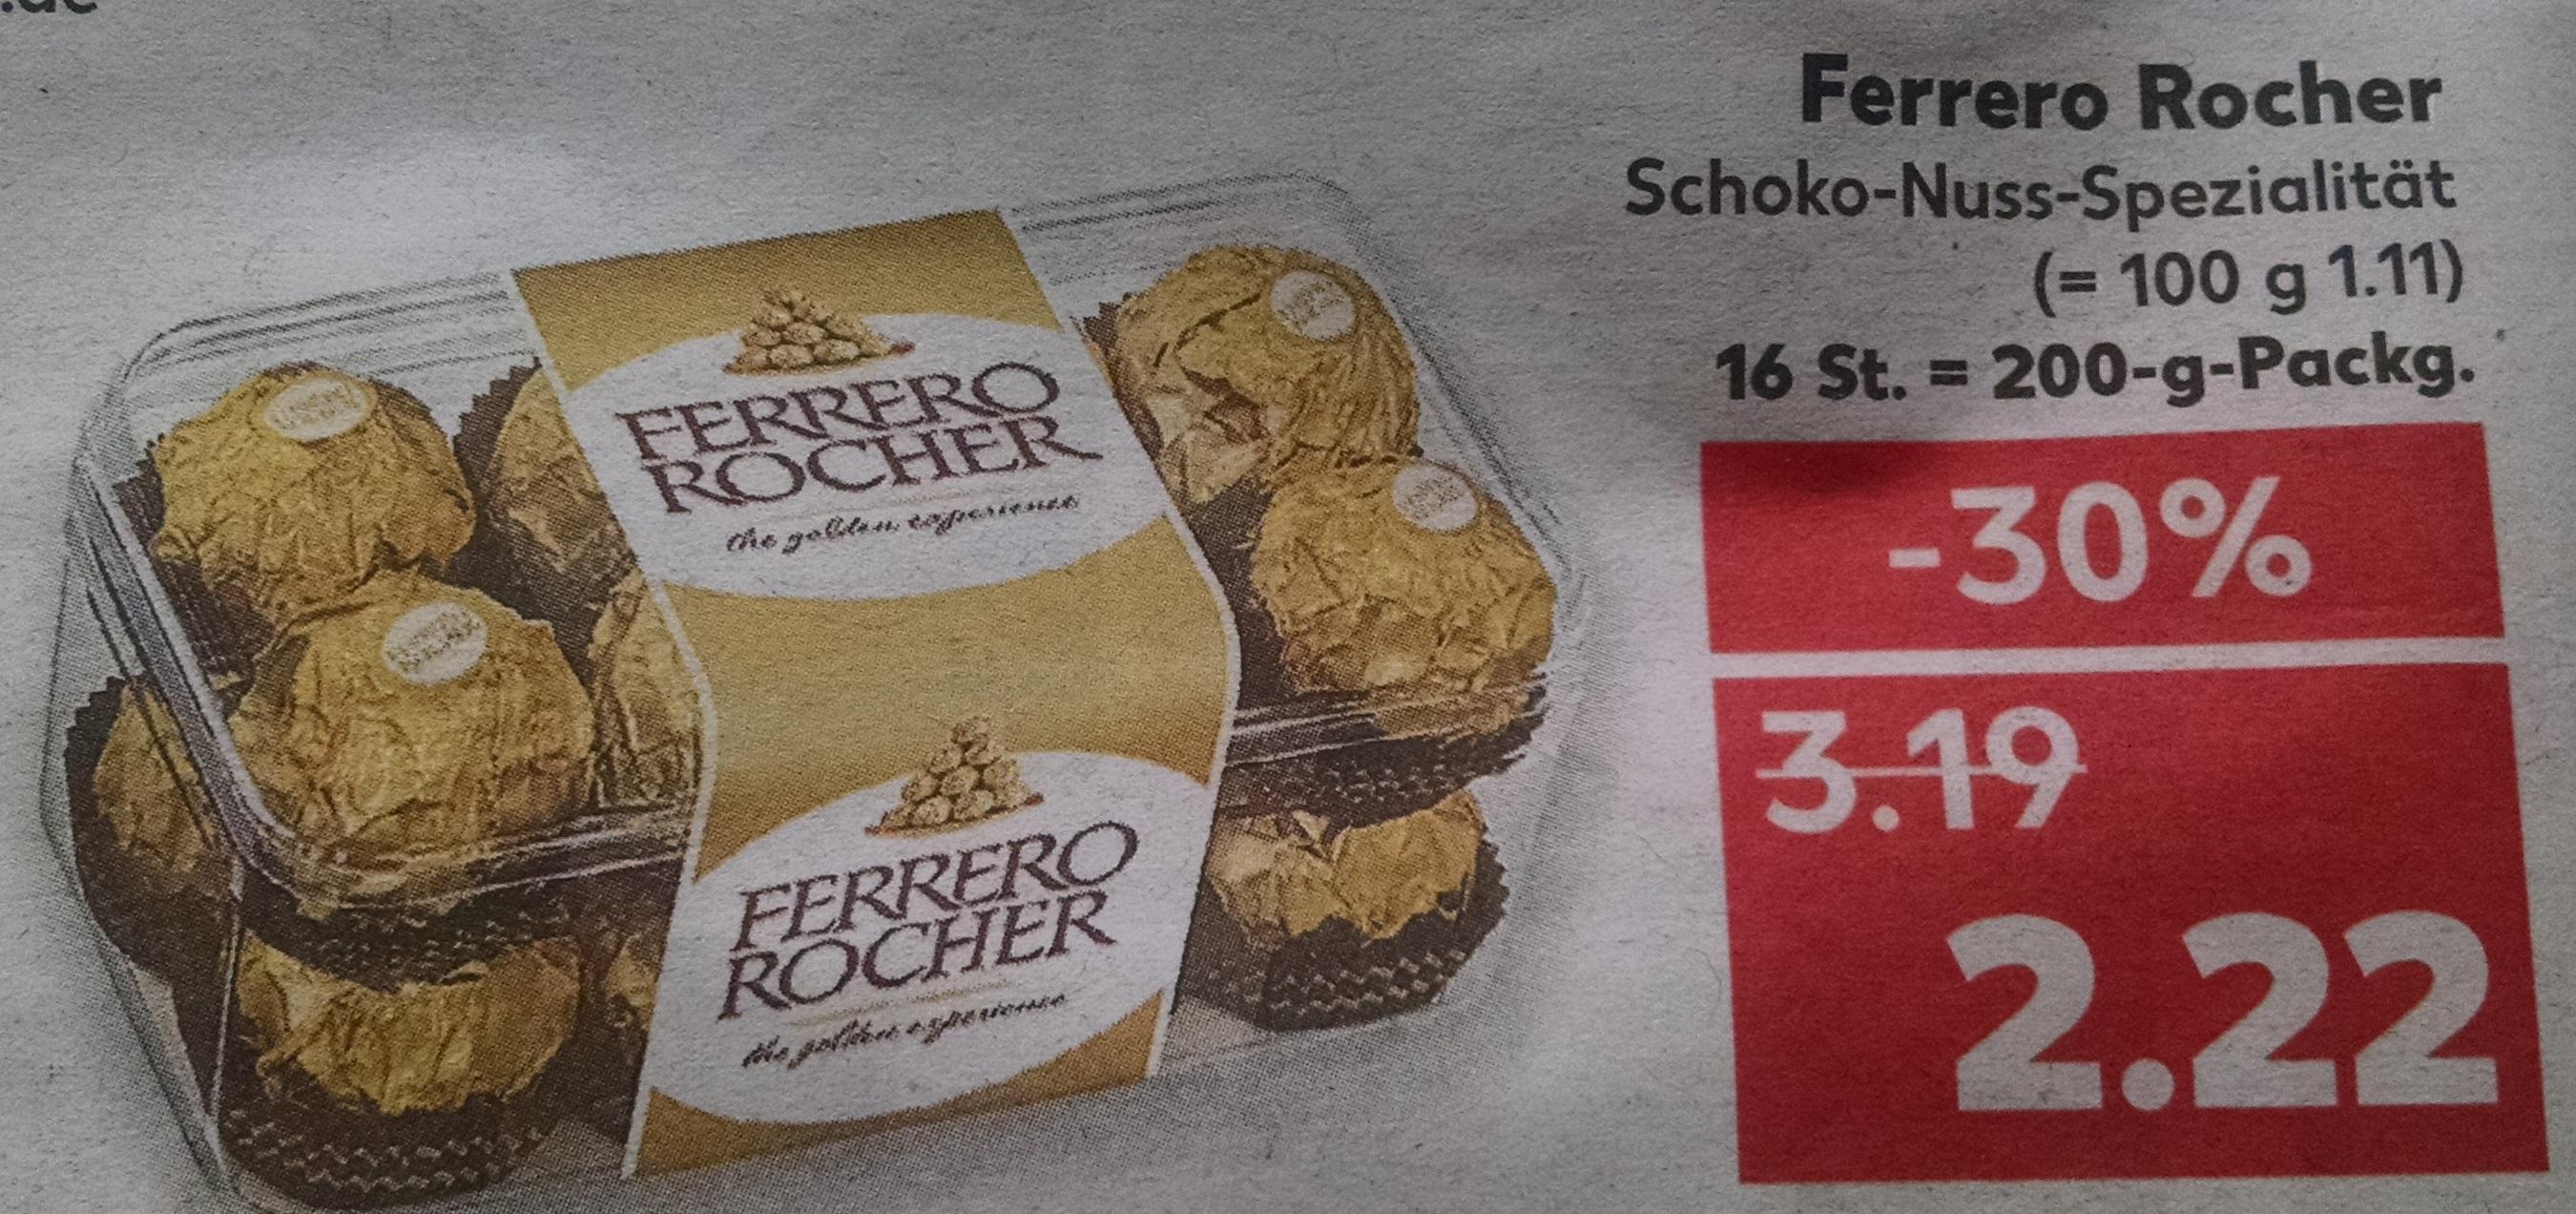 [Kaufland] bundesweit   Ferrero Rocher   30% billiger   2,22€ statt 3,19€